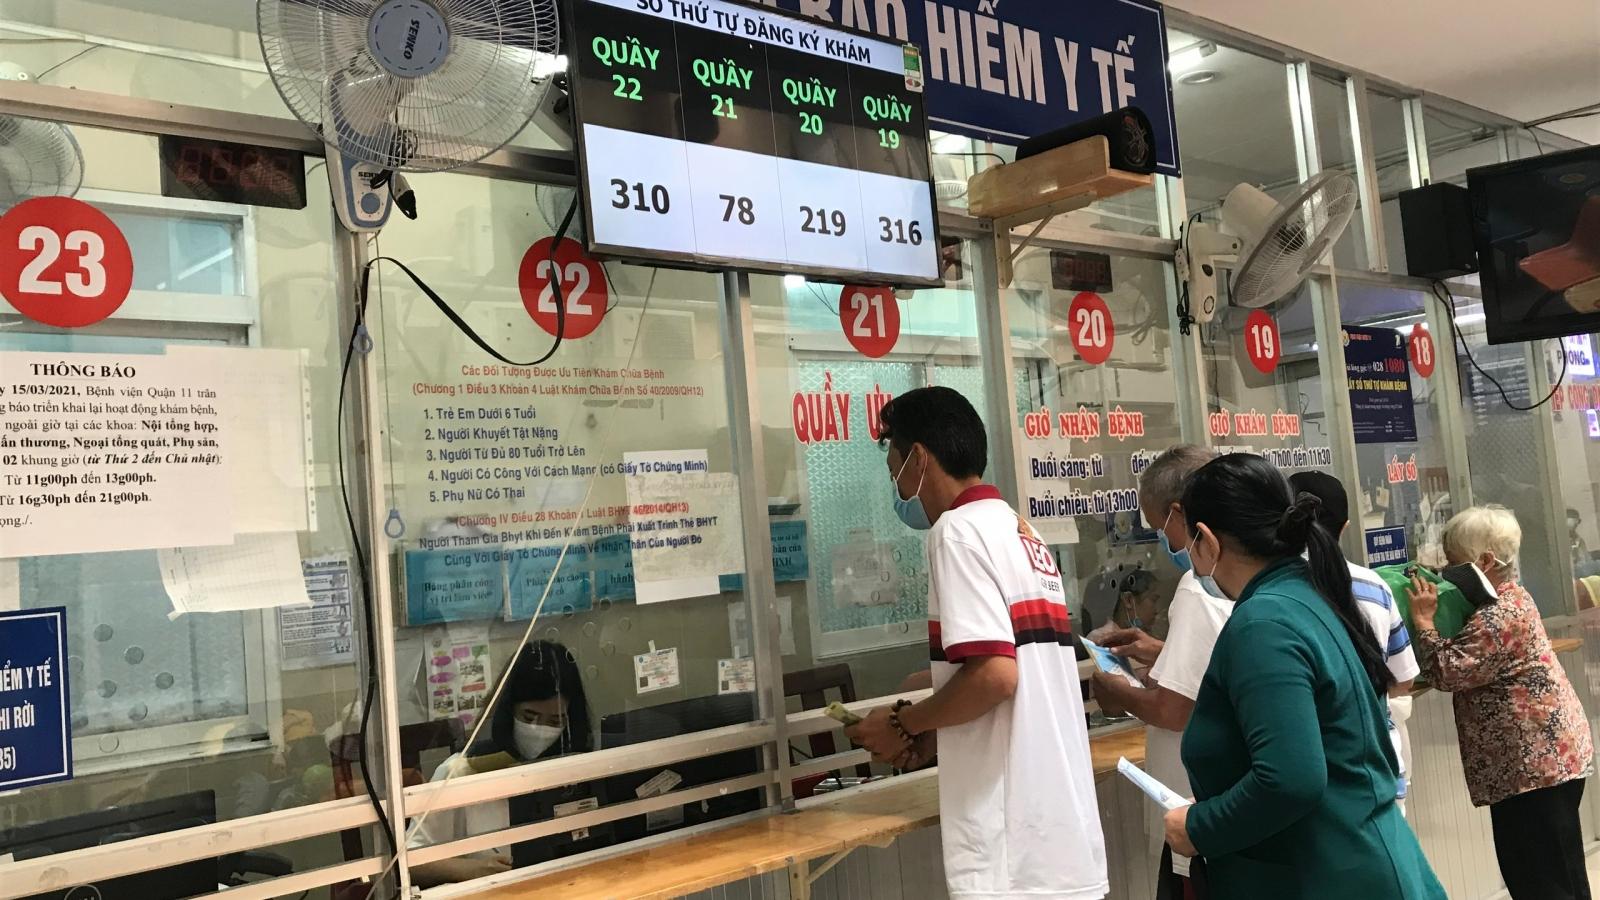 Công an vào cuộc điều tra bệnh nhân khám BHYT 80 lần chỉ trong 2 tháng